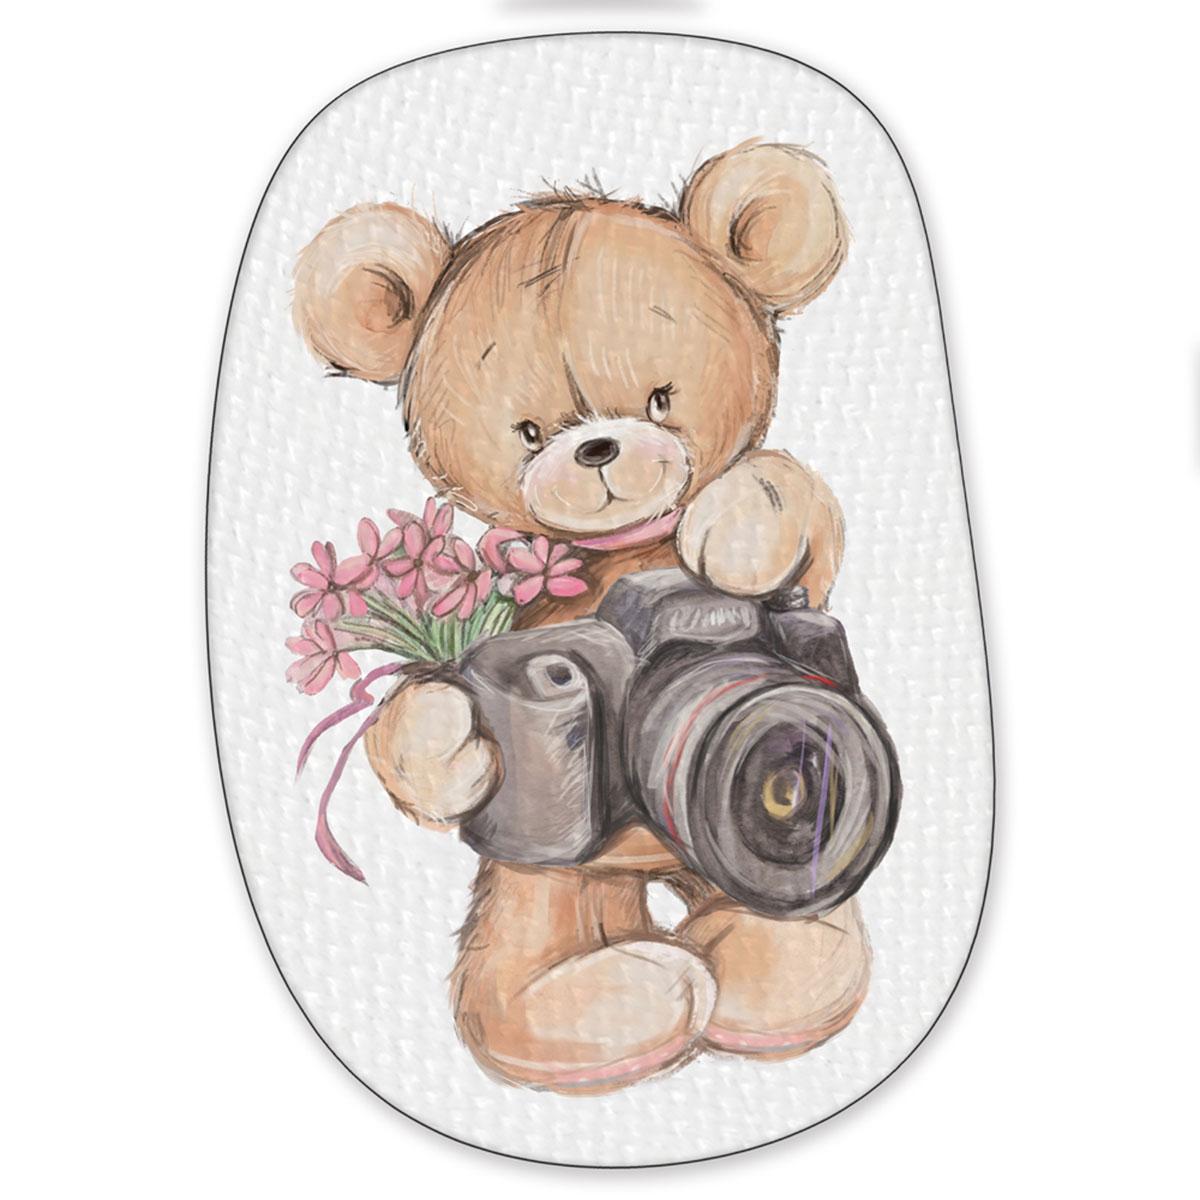 Διακοσμητικό Μαξιλάρι (9×32) Mike & Co Teddy 530-3892-1